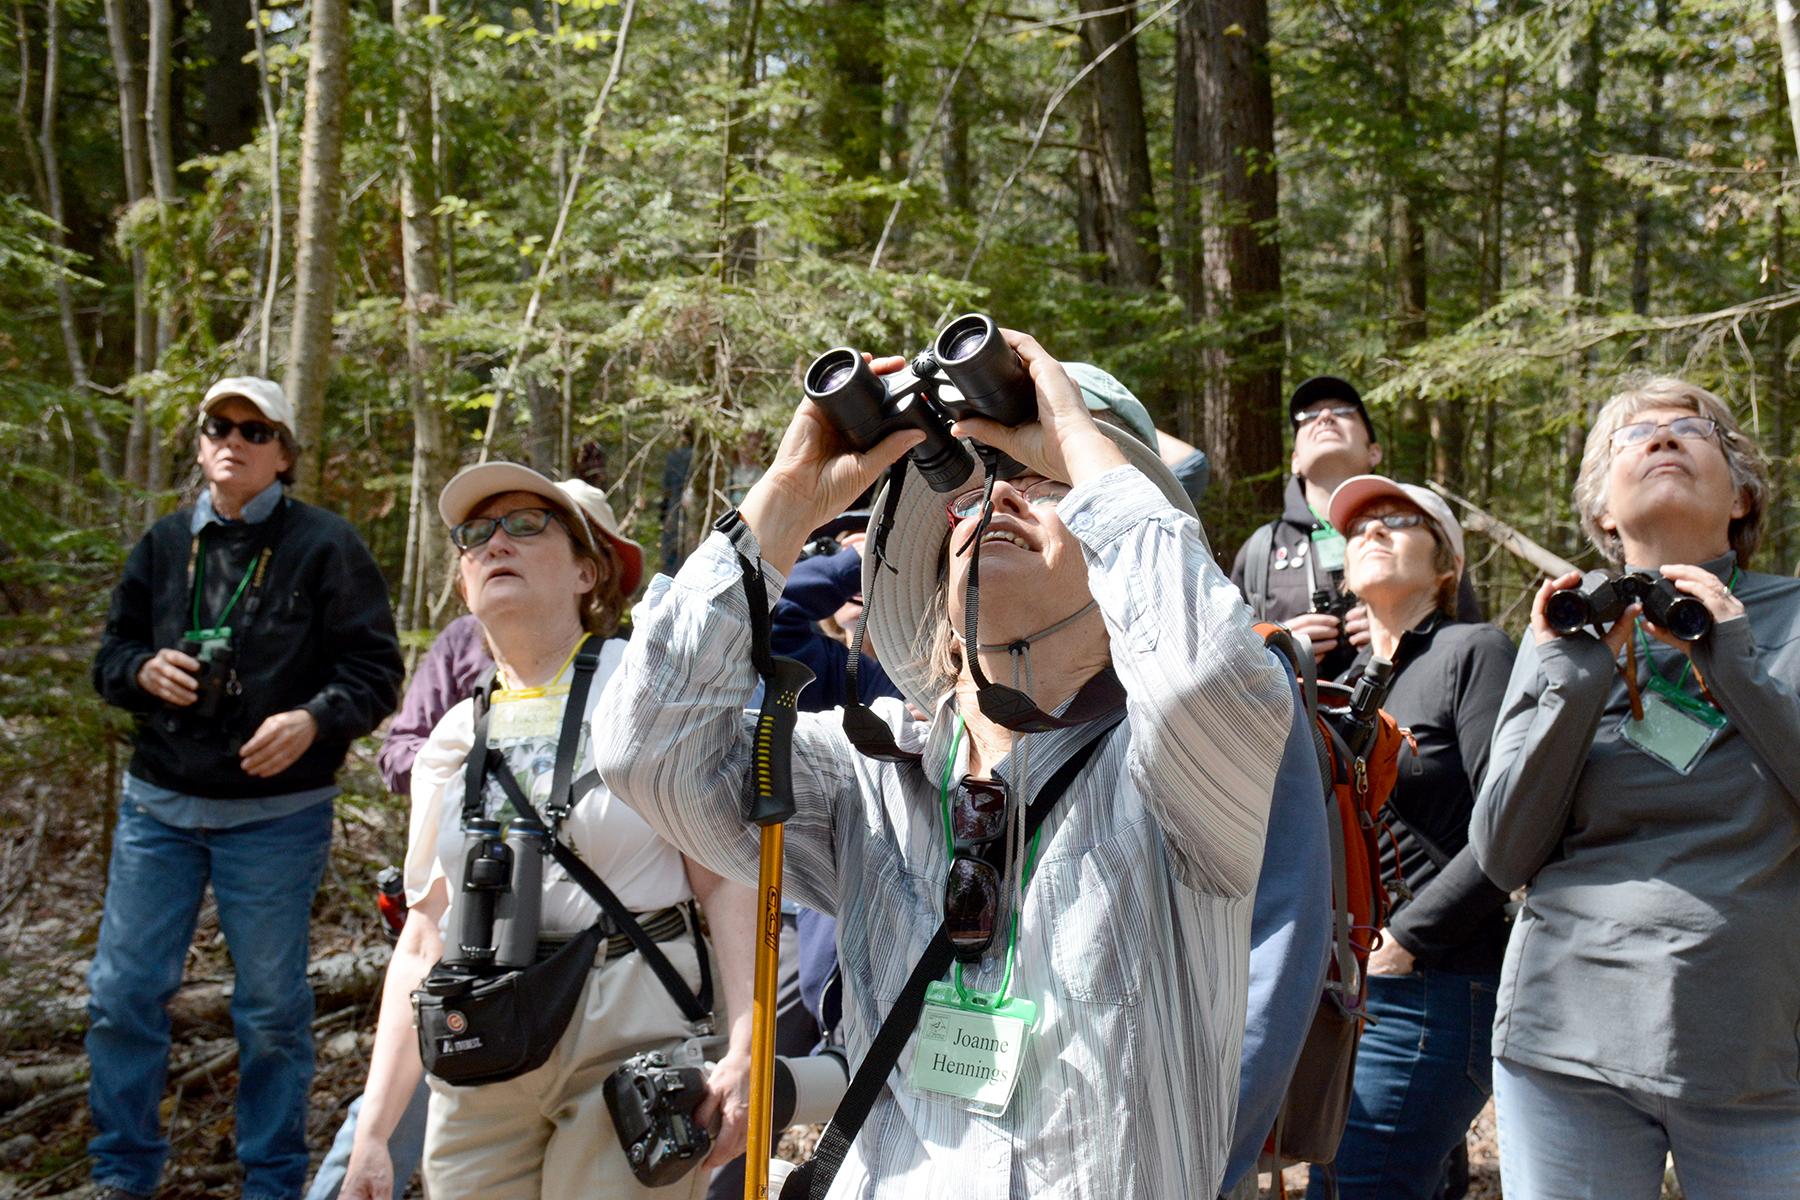 2016-05-19-naturefest-warblerneck